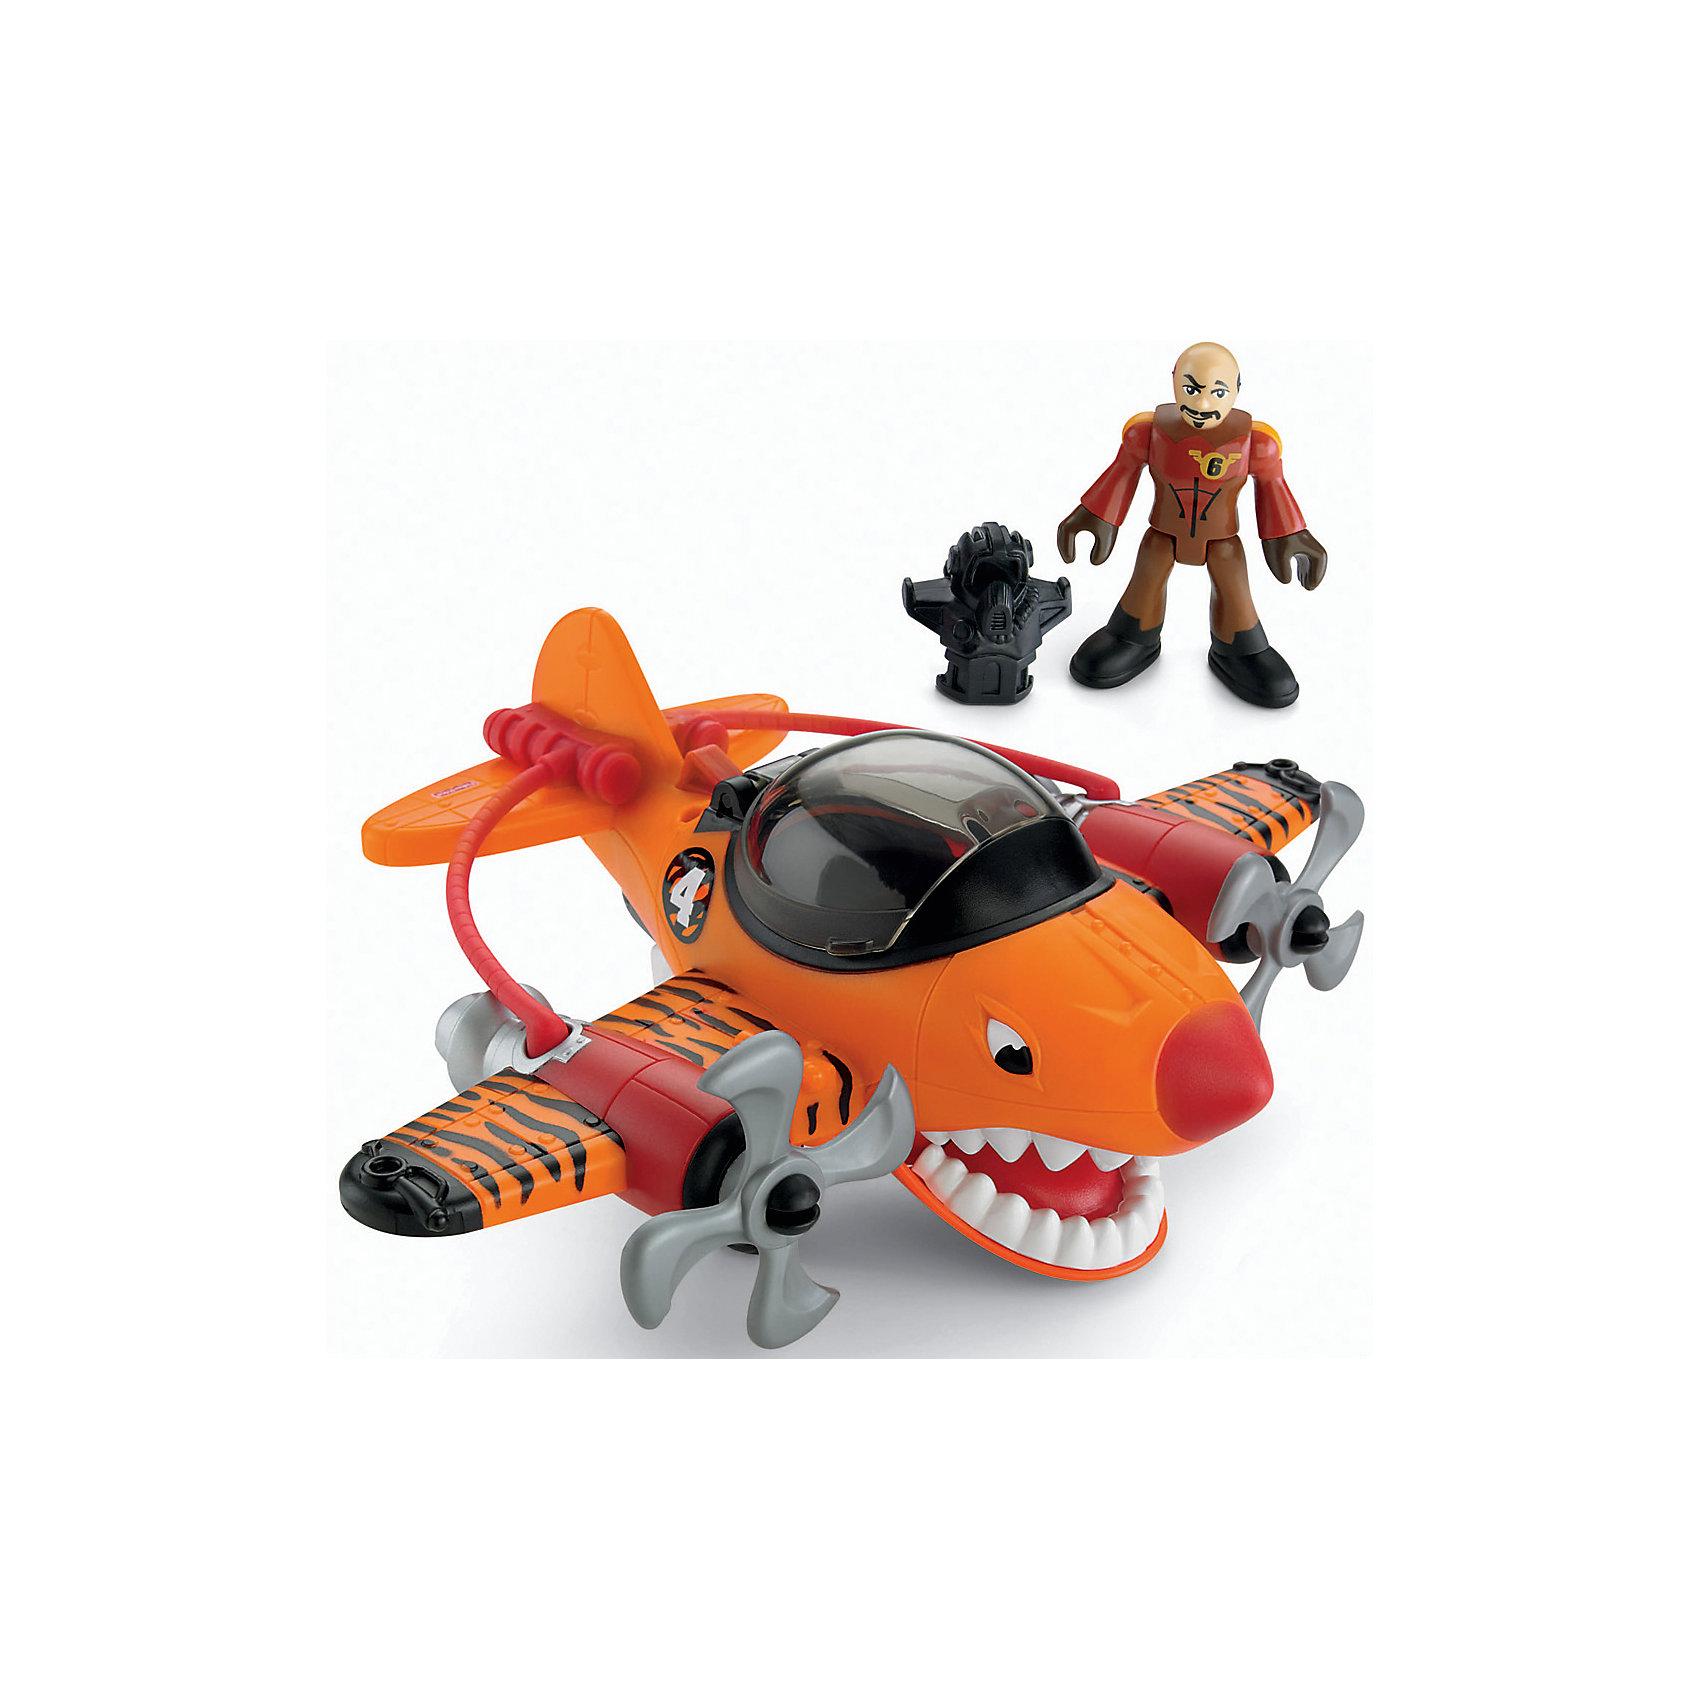 Mattel Летательный аппарат Тигровая акула, Imaginext, Fisher Price игровые наборы fisher price mattel игровой набор парящий фрегат